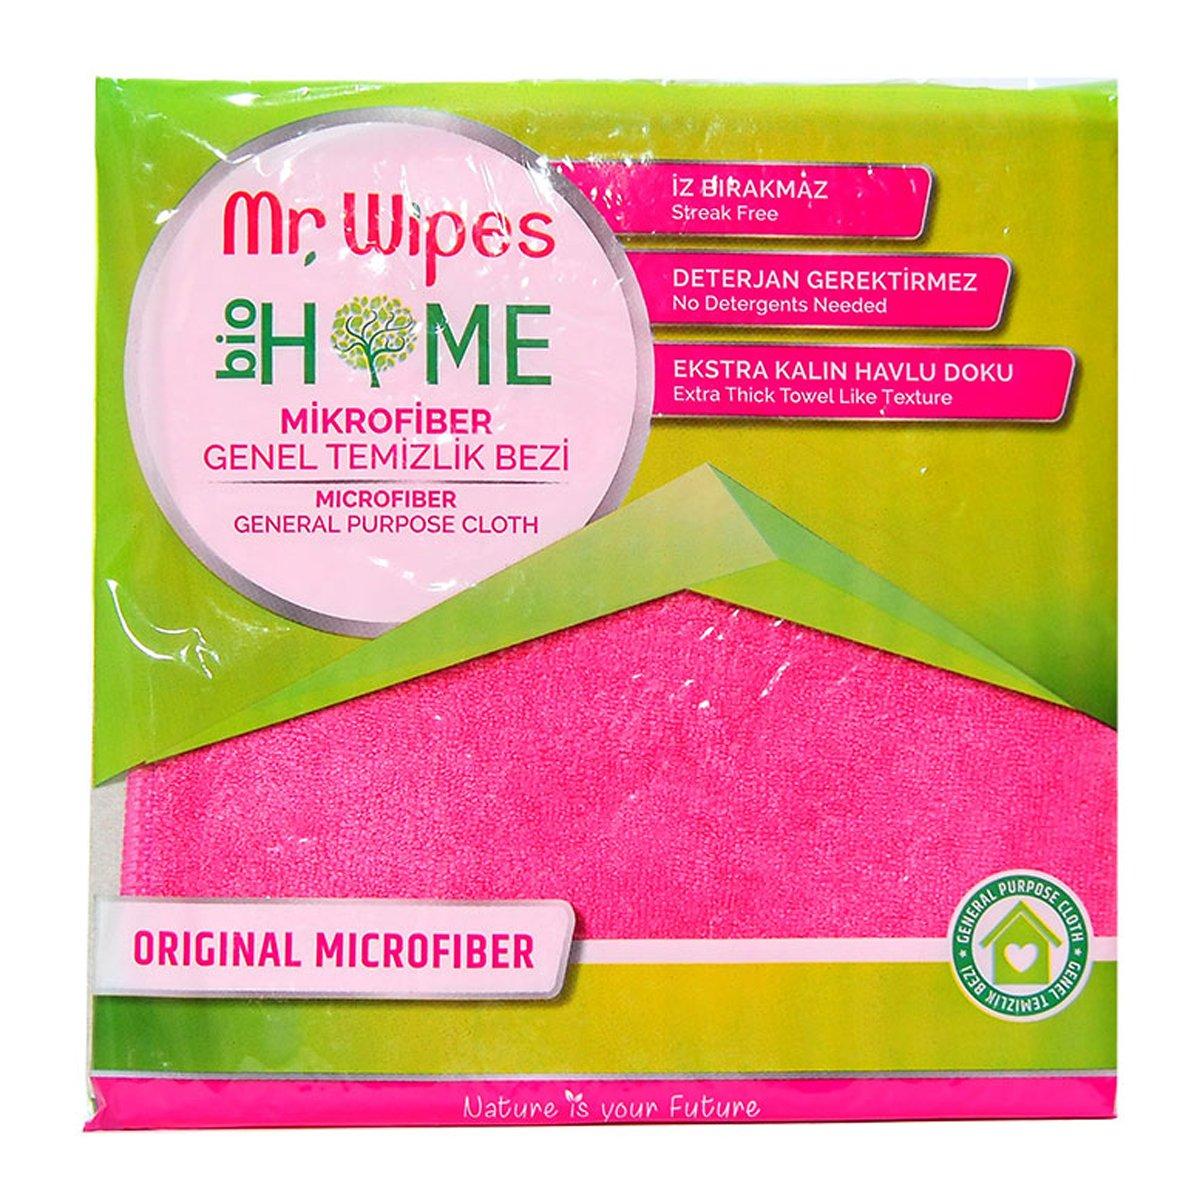 Farmasi Mr. Wipes Antibakteriyel Microfiber Genel Temizlik Bezi 1 Ad ürünü LokmanAVM mağazamızdan güvenle satın alın!